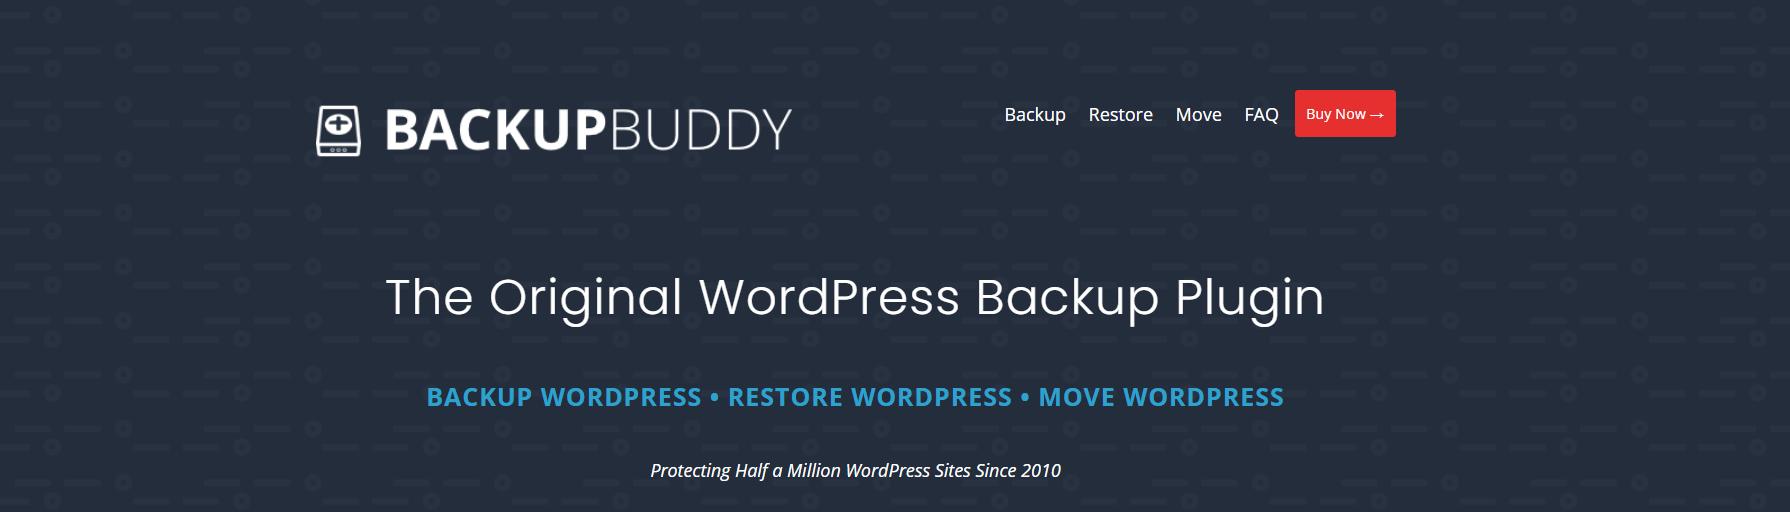 Backup Buddy是一个完整的WordPress迁移插件,可以选择备份和移动您的网站。